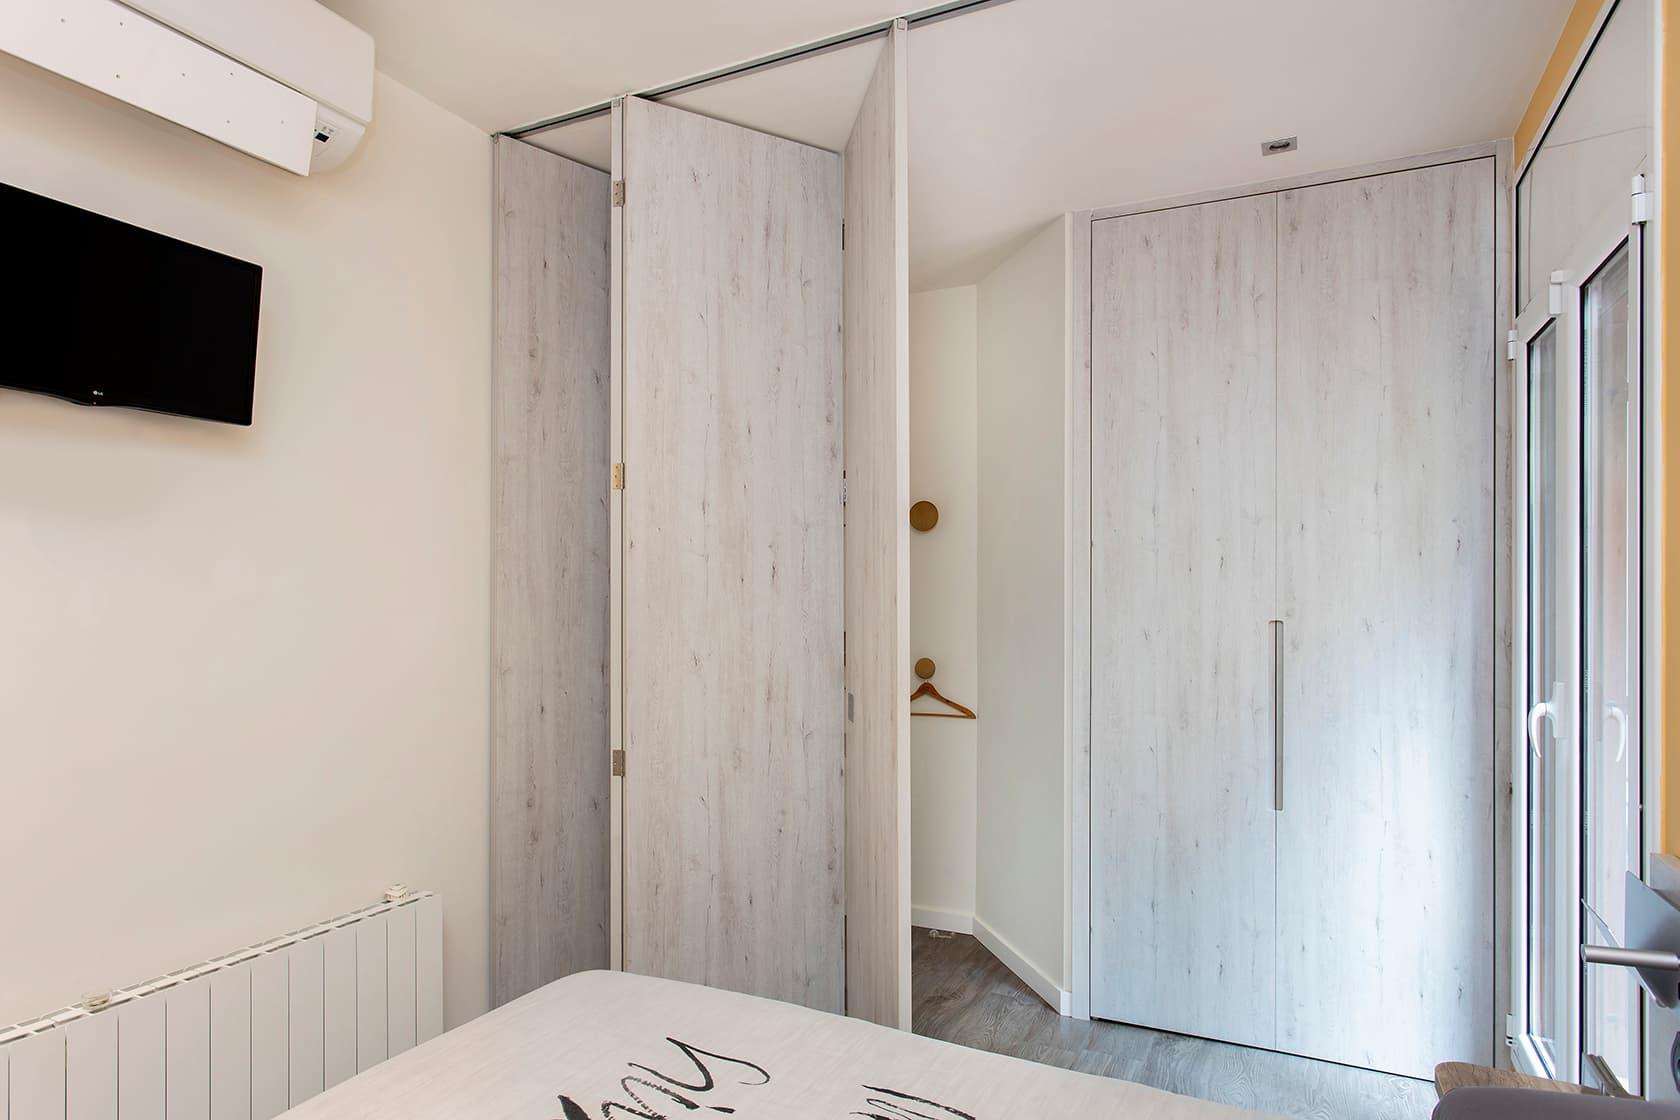 Habitación vista des de dentro con los paneles semi - abiertos